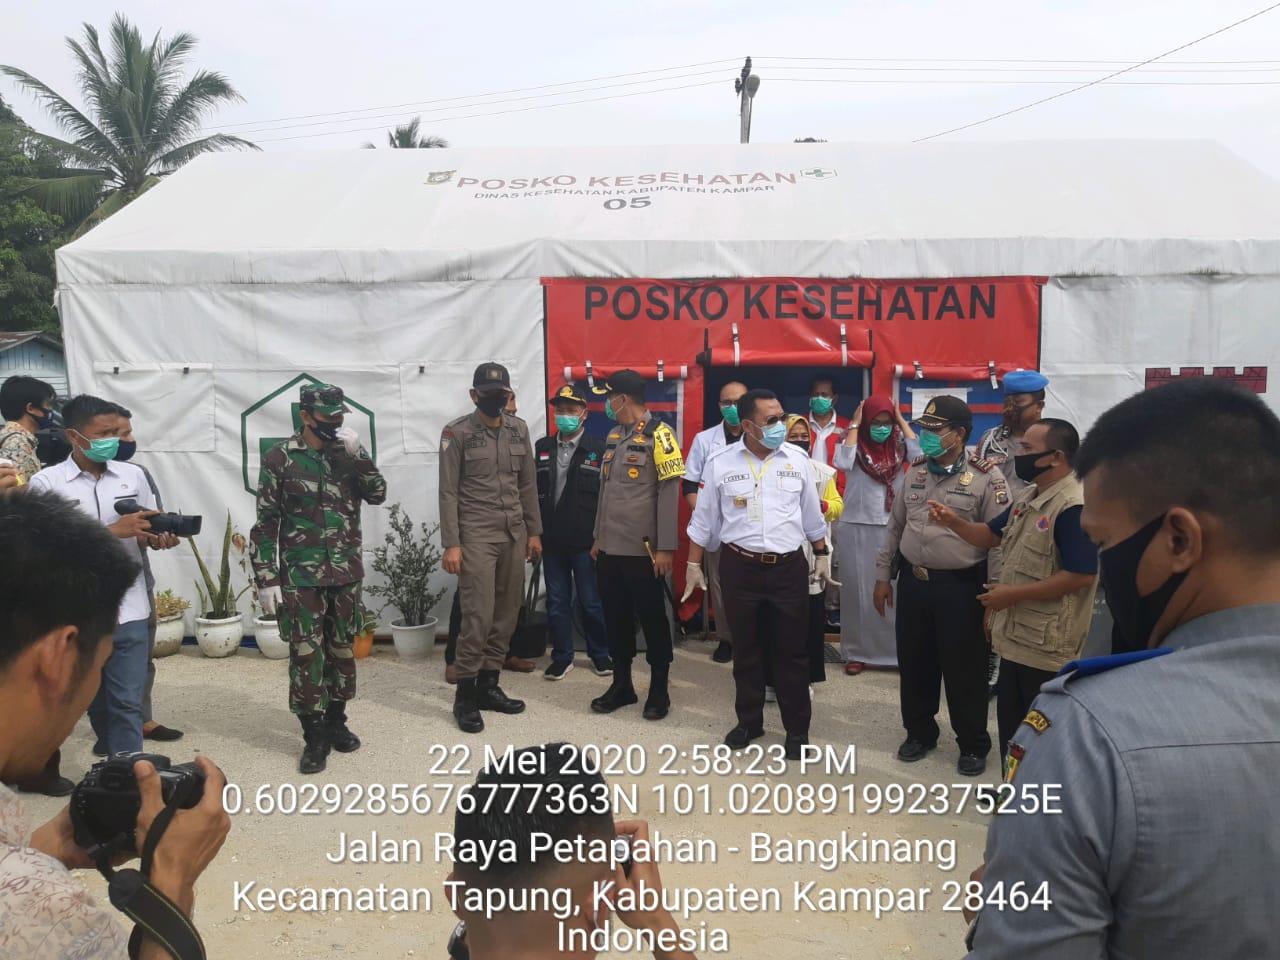 Bupati Kampar bersama Kapolres Kunjungi Pos Check Point Covid-19 di Simpang Petapahan Tapung